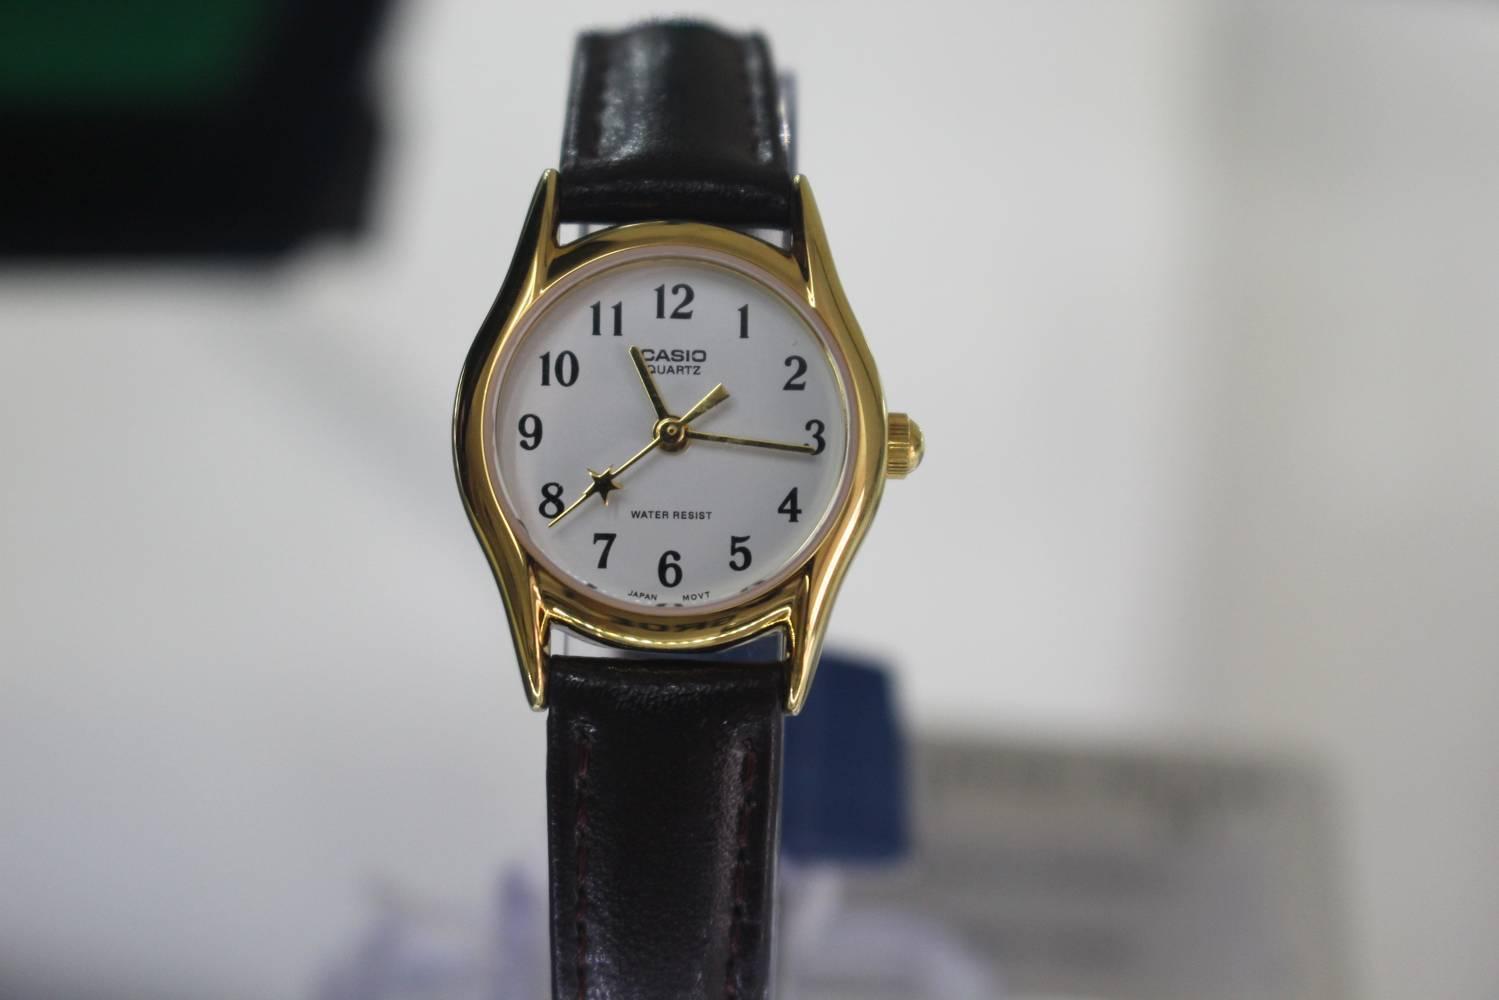 Đồng hồ quartz nữ dây da - lựa chọn hoàn hảo của phái đẹp